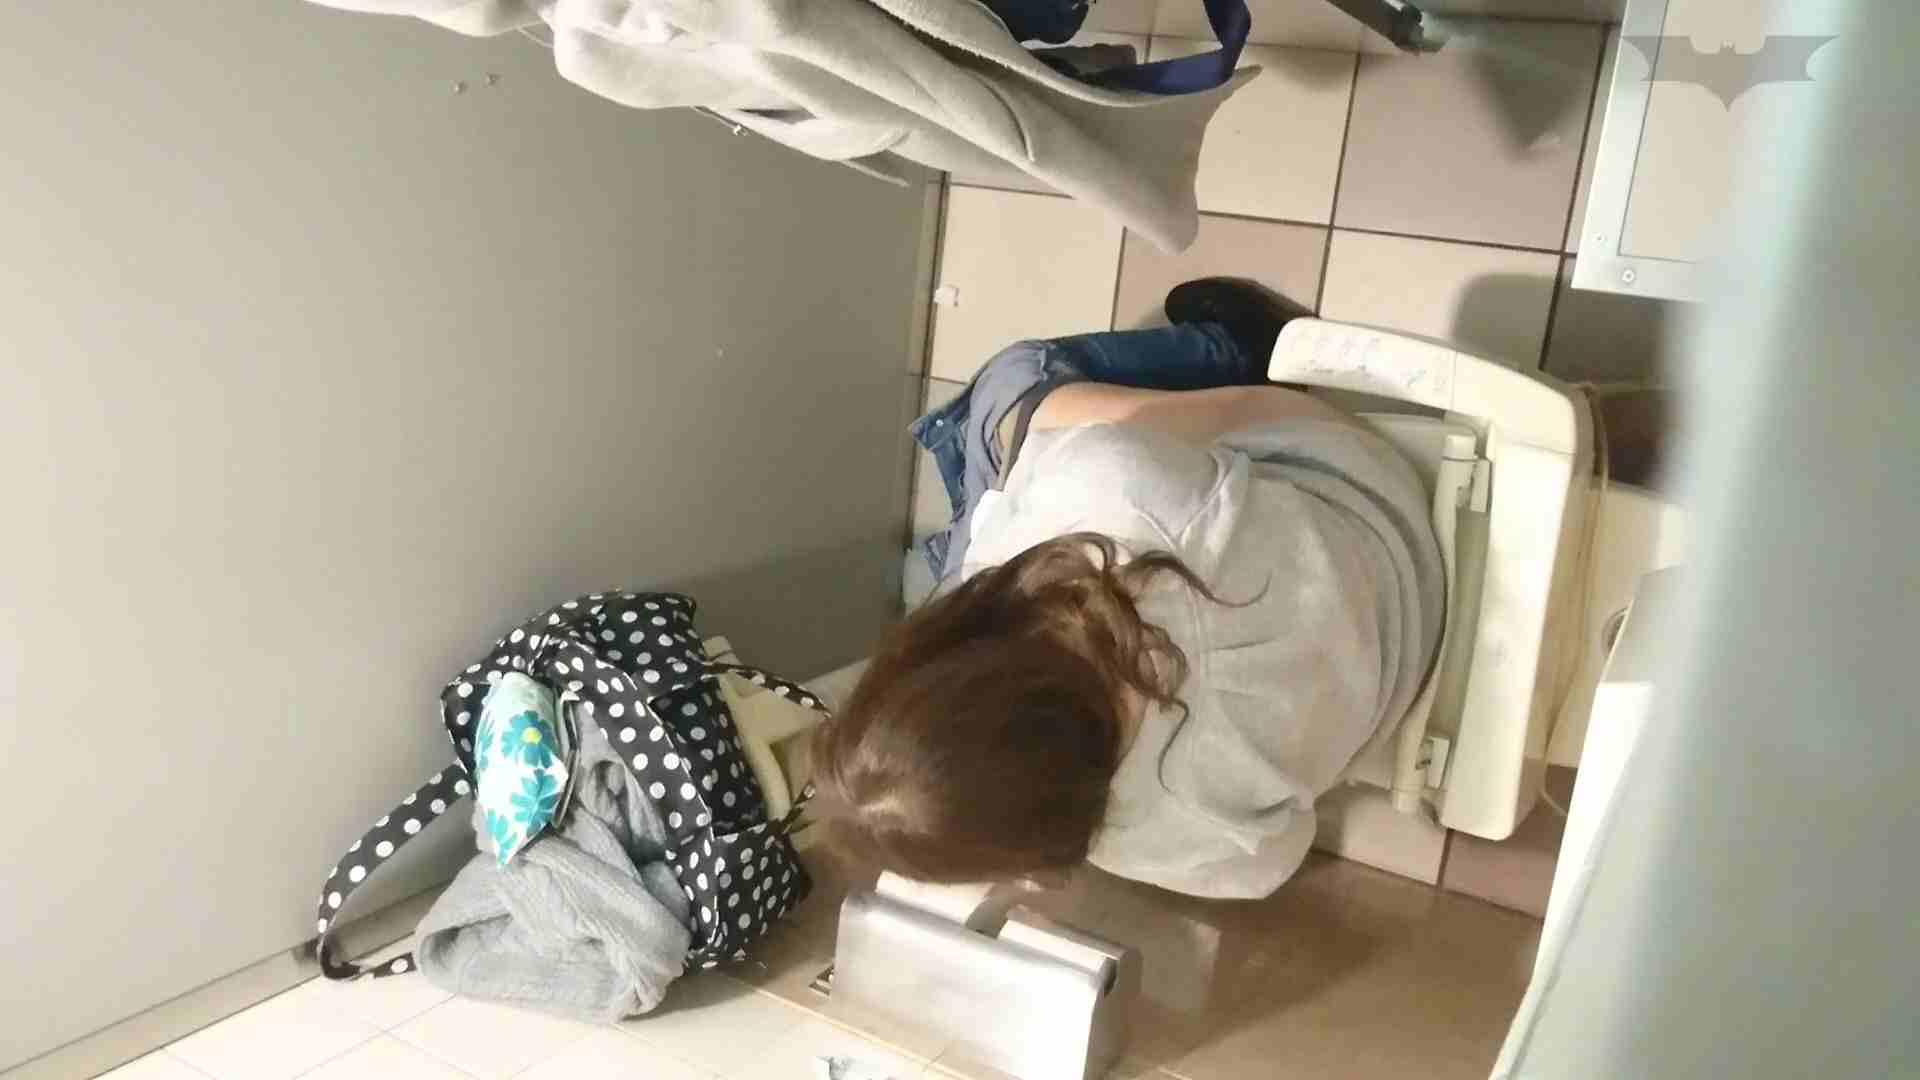 化粧室絵巻 ショッピングモール編 VOL.11 細身女性 おめこ無修正動画無料 83画像 77